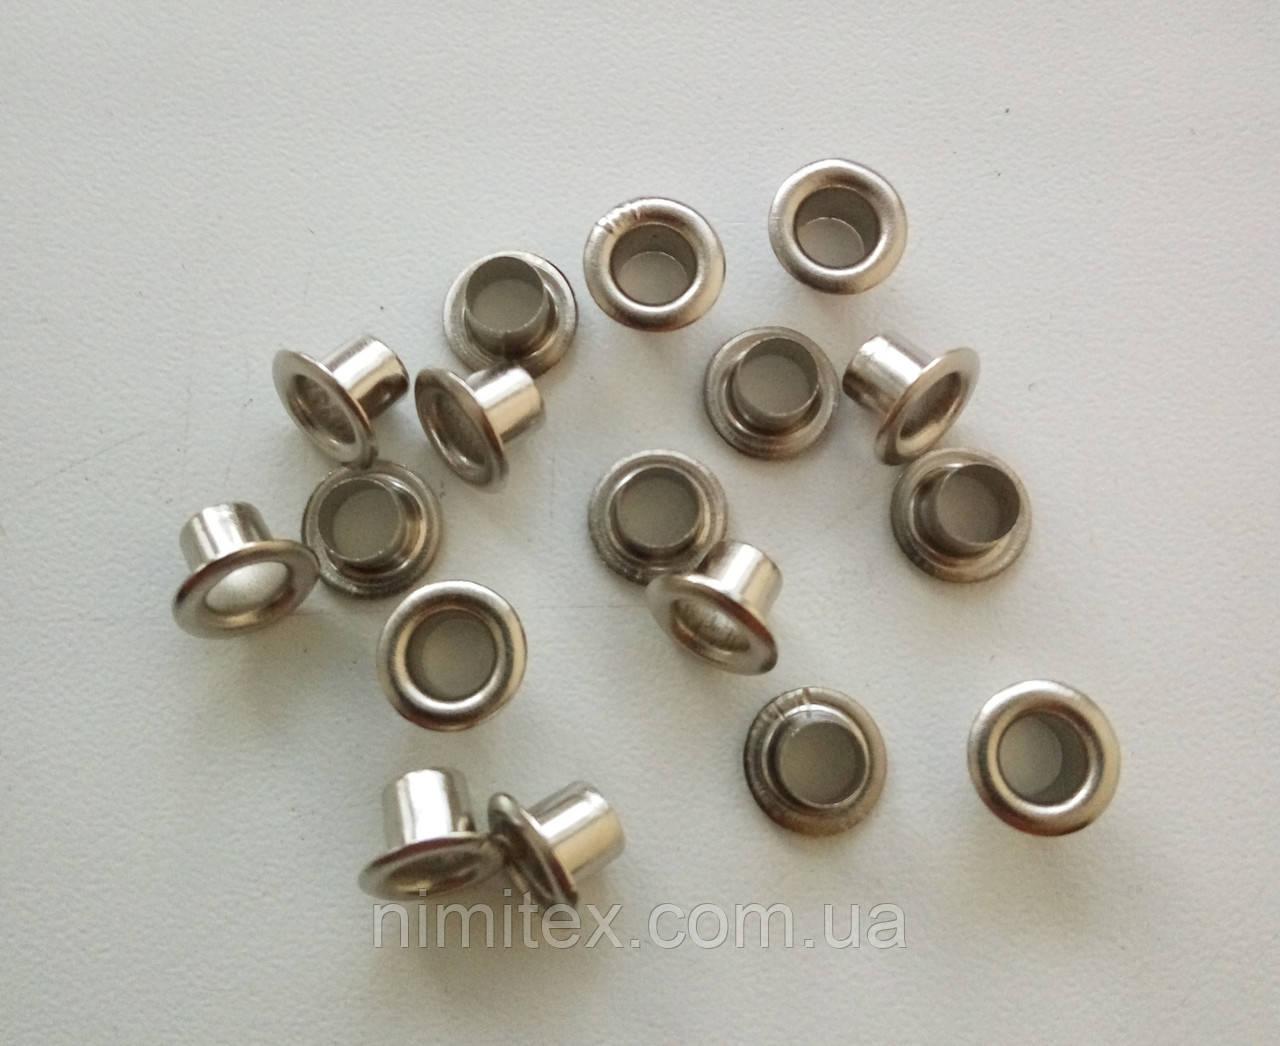 Блочка №2 - 4 мм (с шайбой), нержавейка, никель